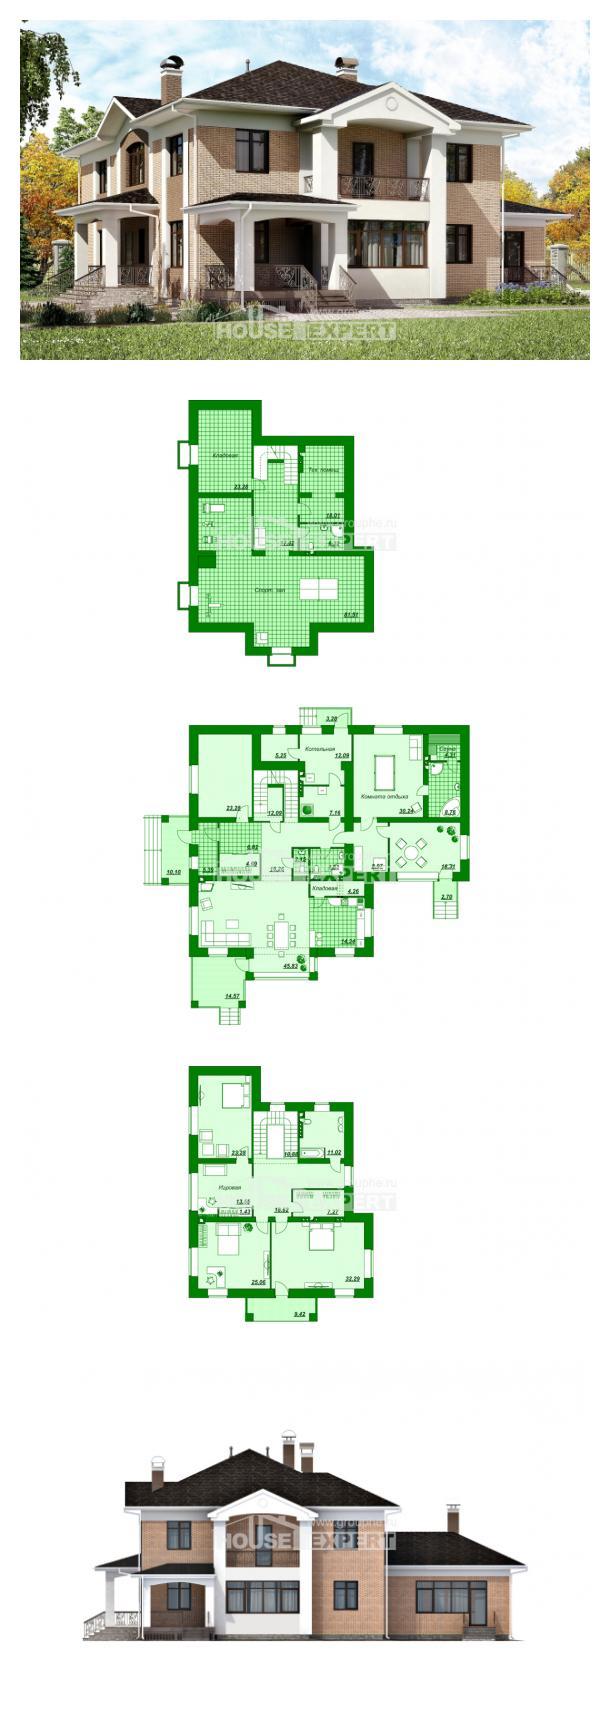 Plan 520-001-R | House Expert